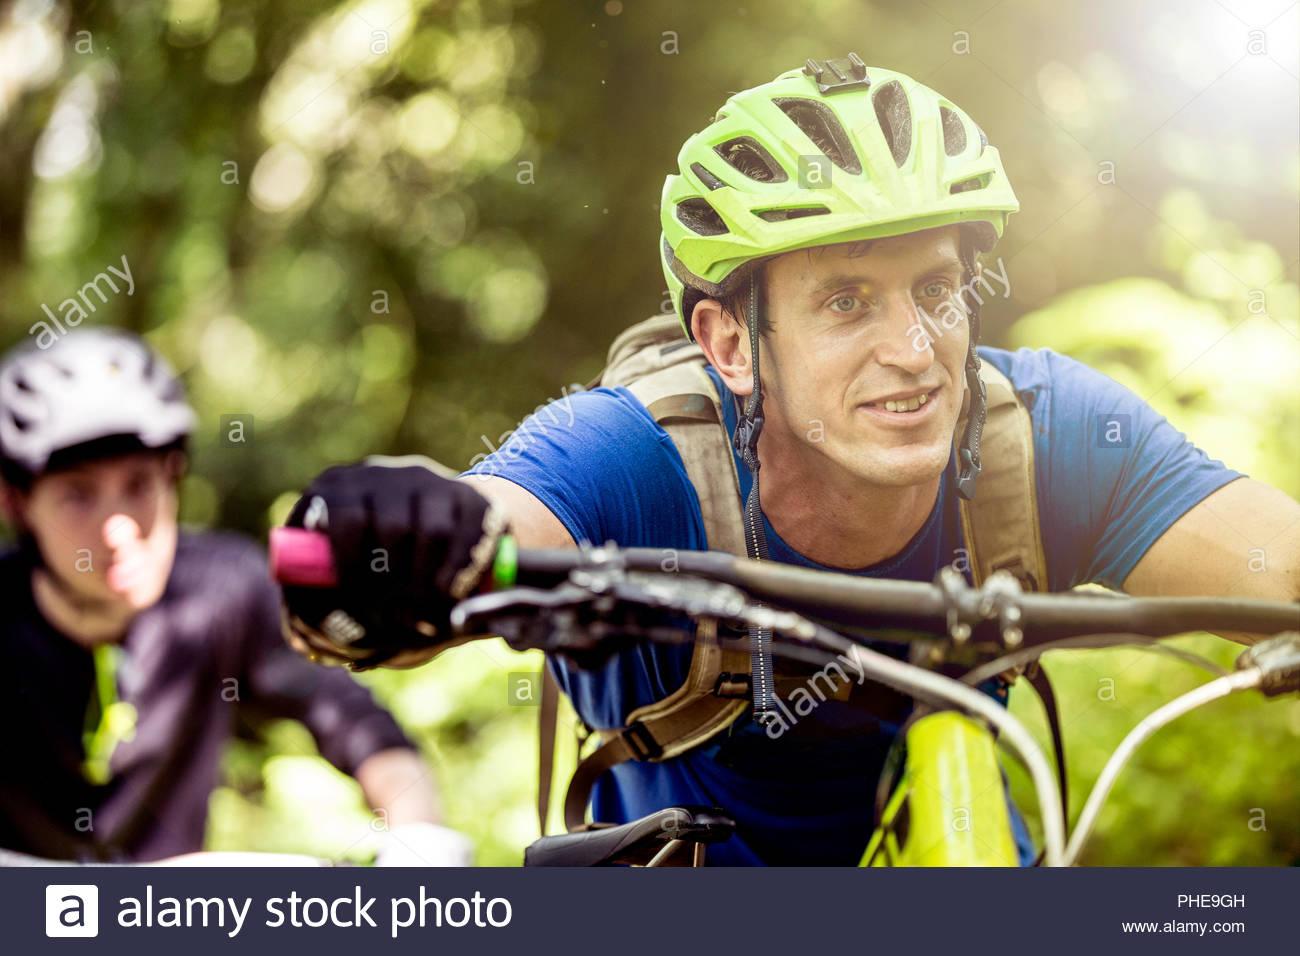 L'uomo spingendo in mountain bike nella Foresta Immagini Stock